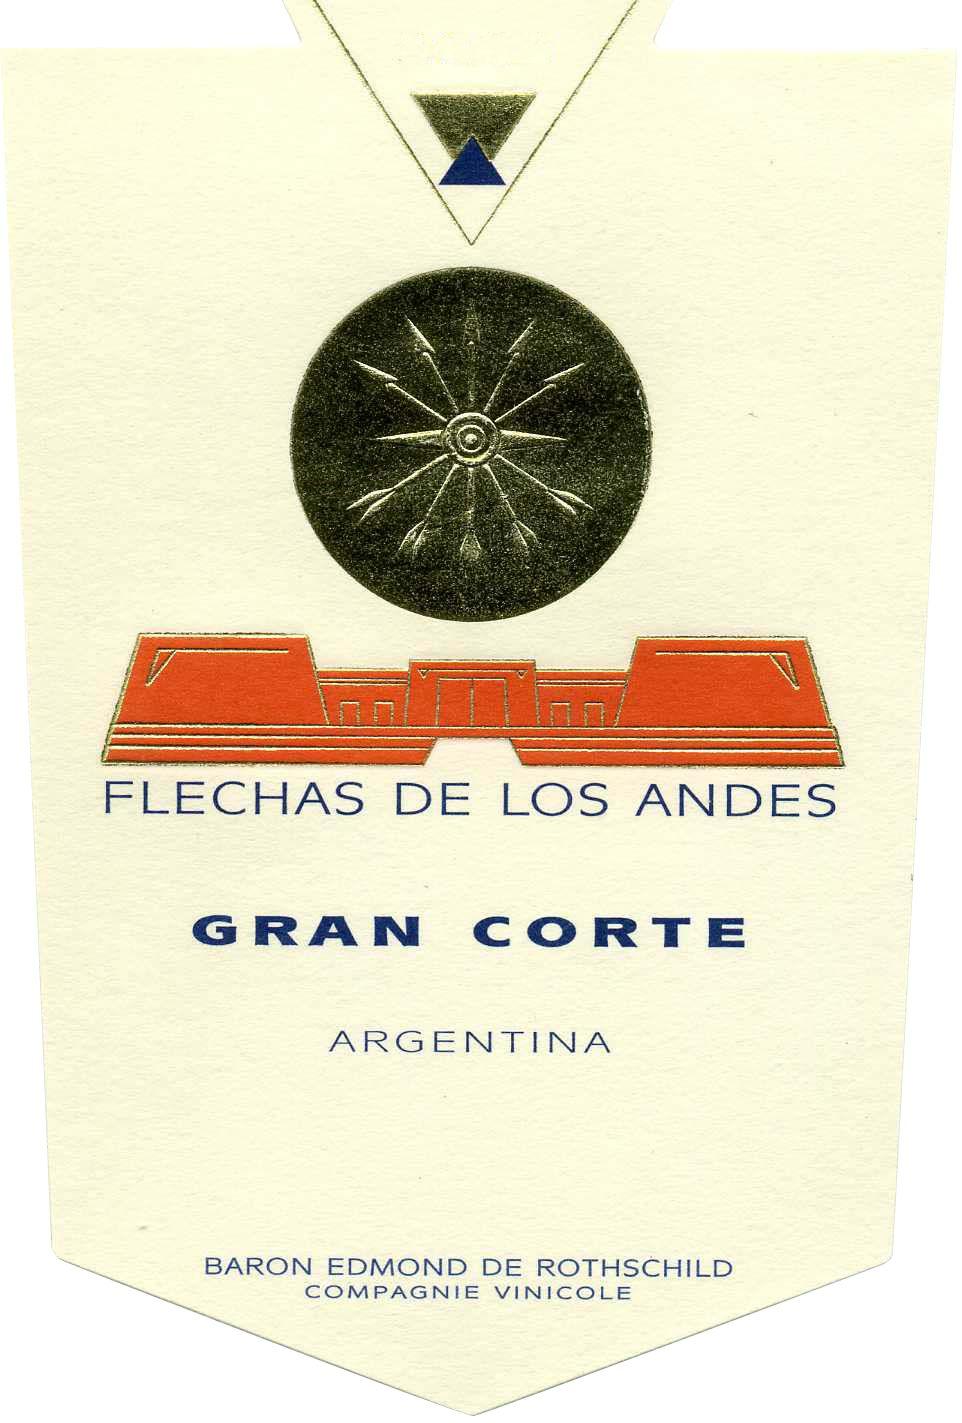 Flechas De Los Andes - Gran Corte - Malbec